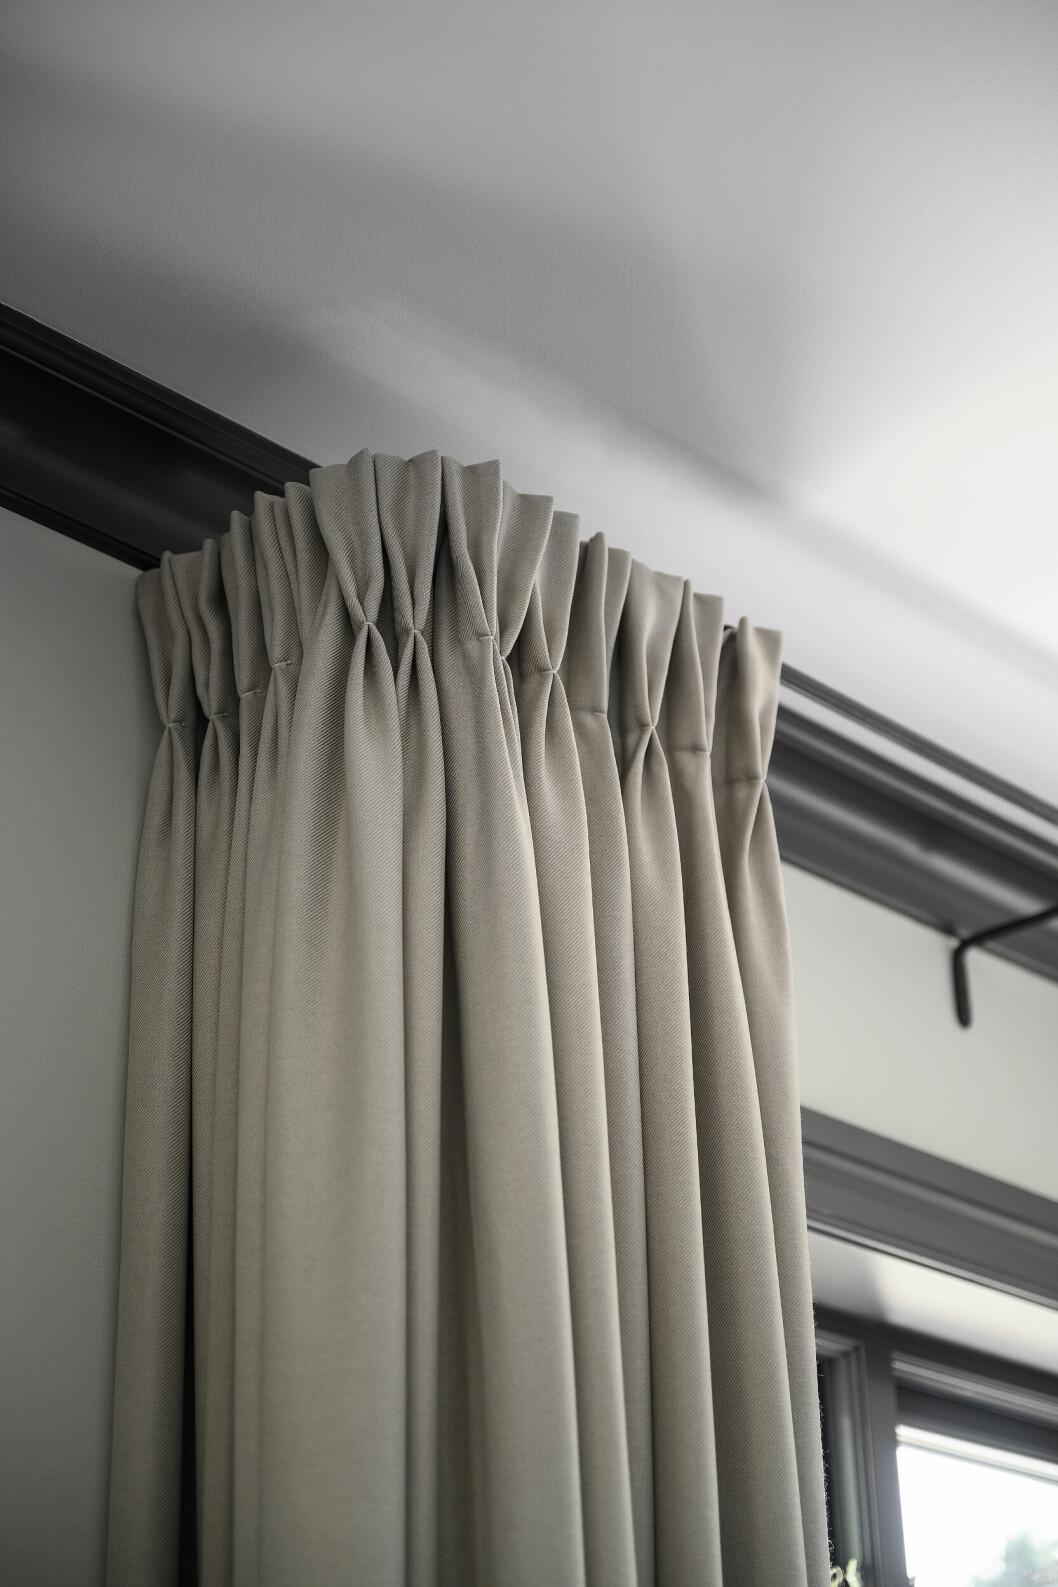 Sydda gardiner med tulpanveck hemma hos Camilla Läckberg.